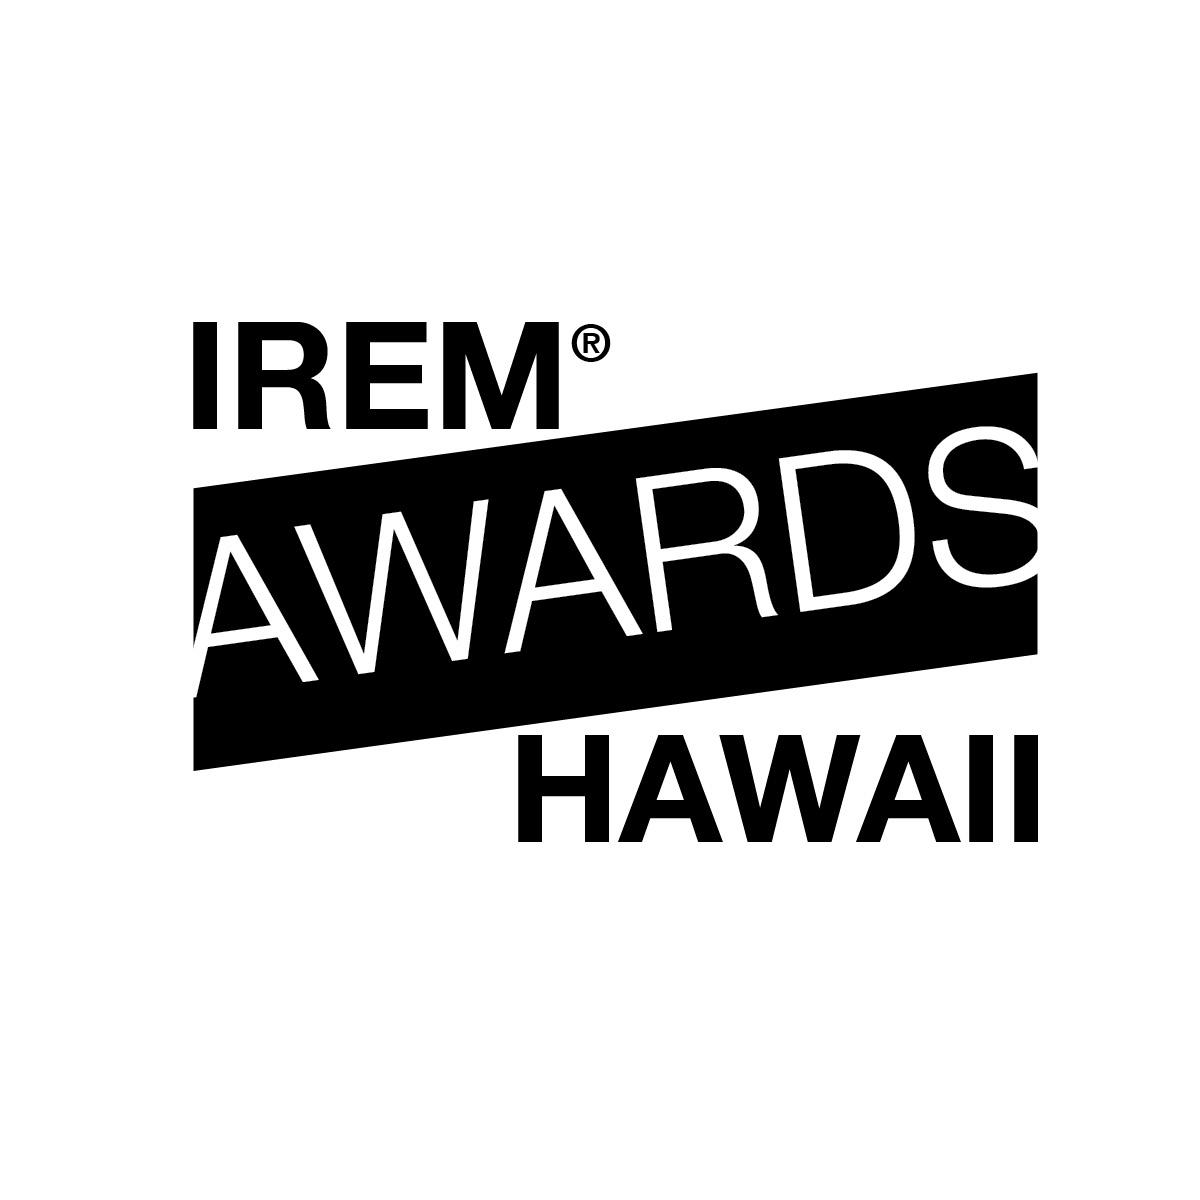 IREM Awards logo